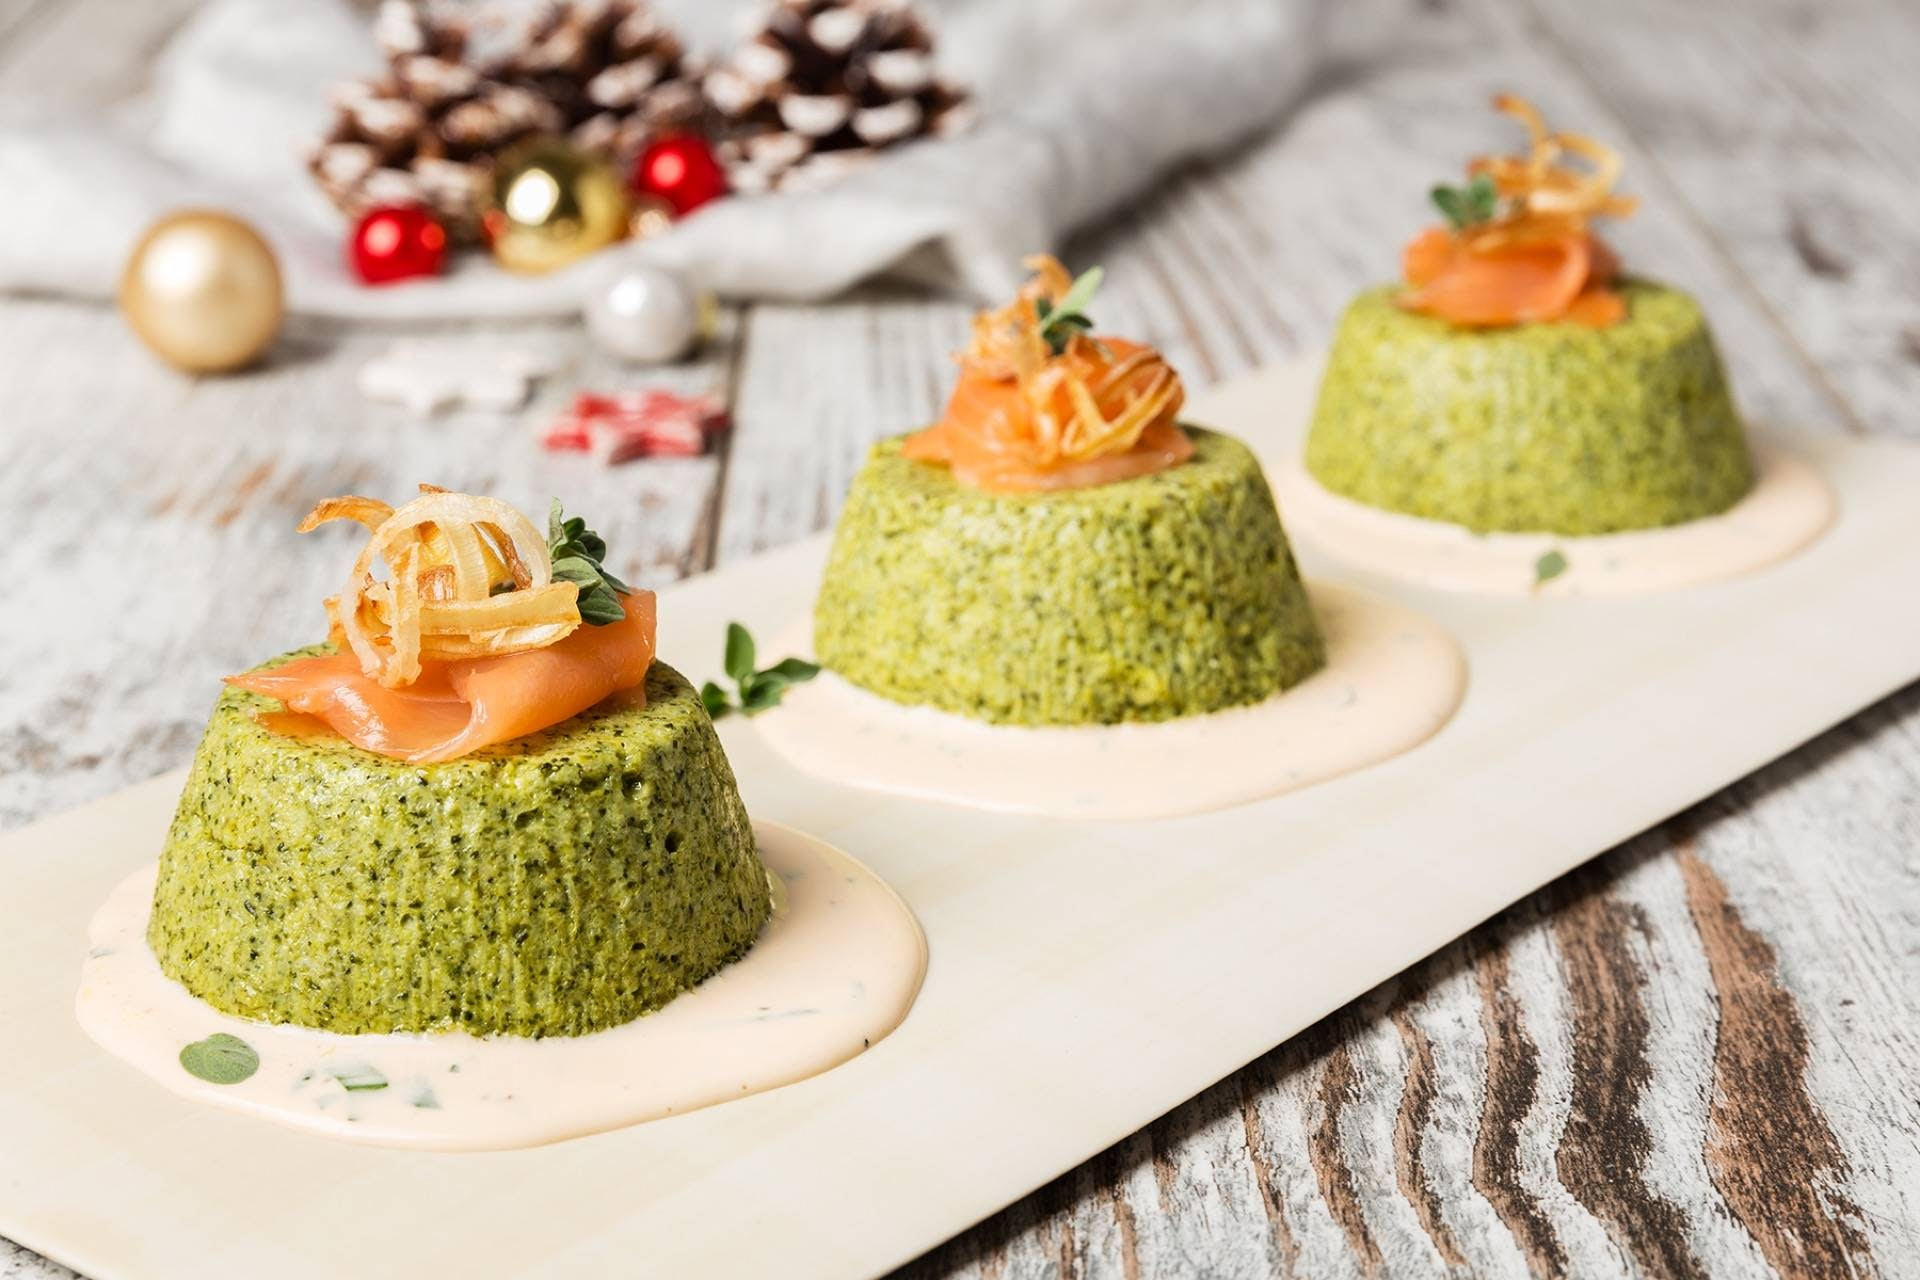 Flan di broccoli e porri croccanti con salmone affumicato - Parmalat